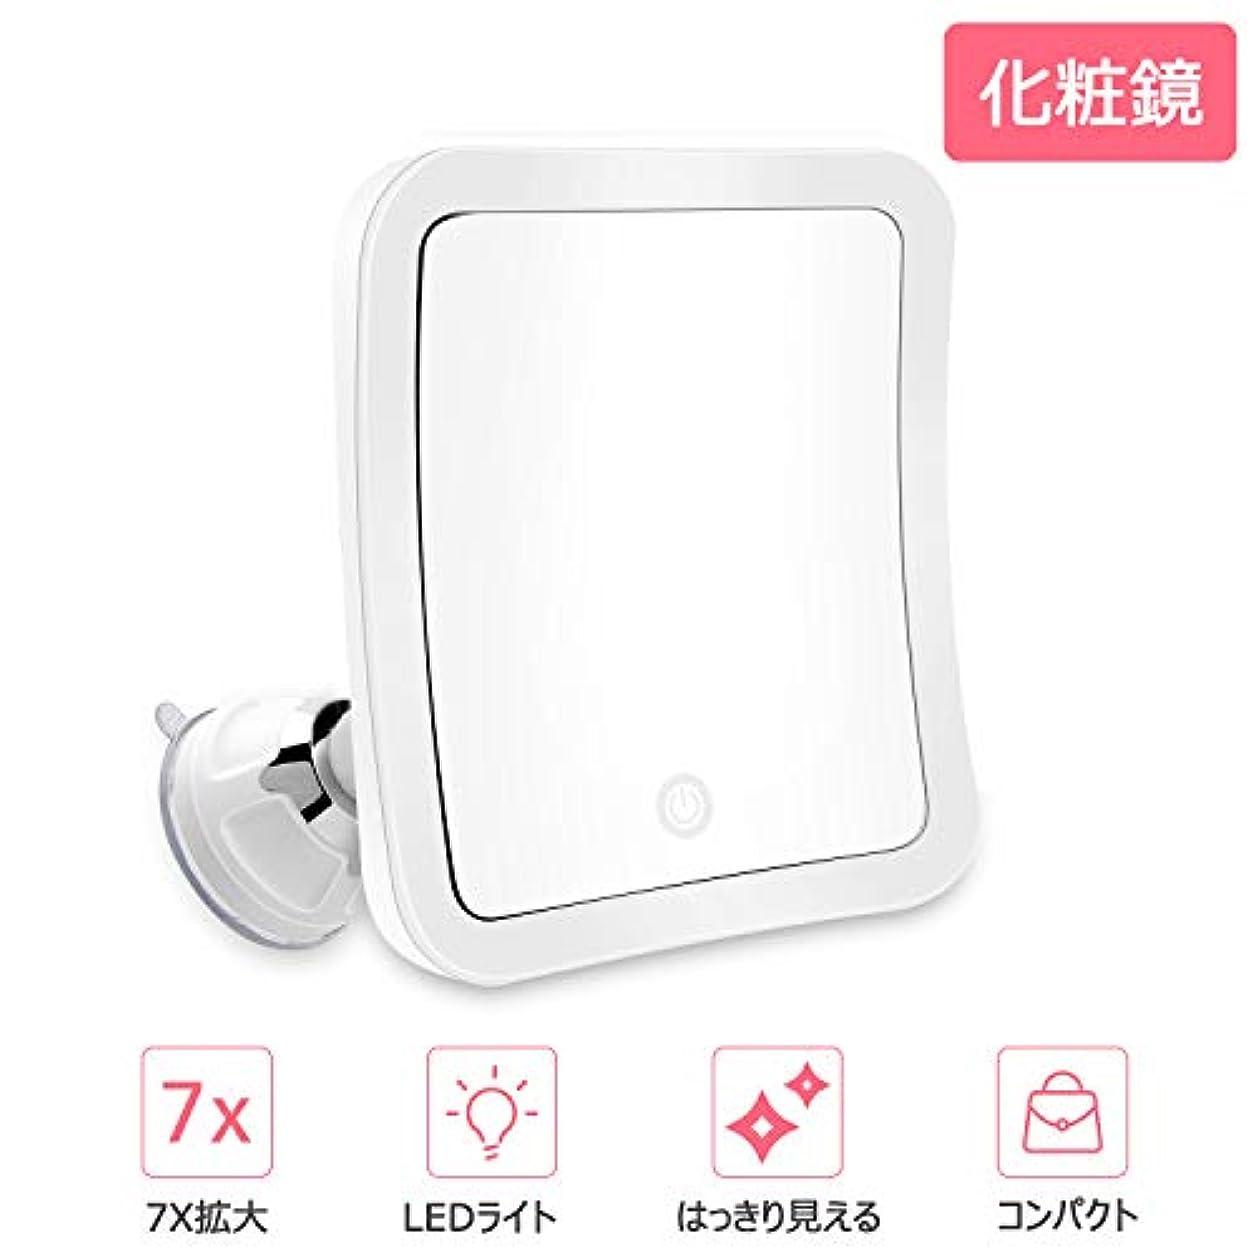 ナプキンクモバラ色LED化粧鏡 7倍拡大鏡 浴室鏡 毛穴 卓上化粧ミラー 360度回転 明るさ調節可能 壁掛け 吸盤ロック付き 単五電池&USB給電